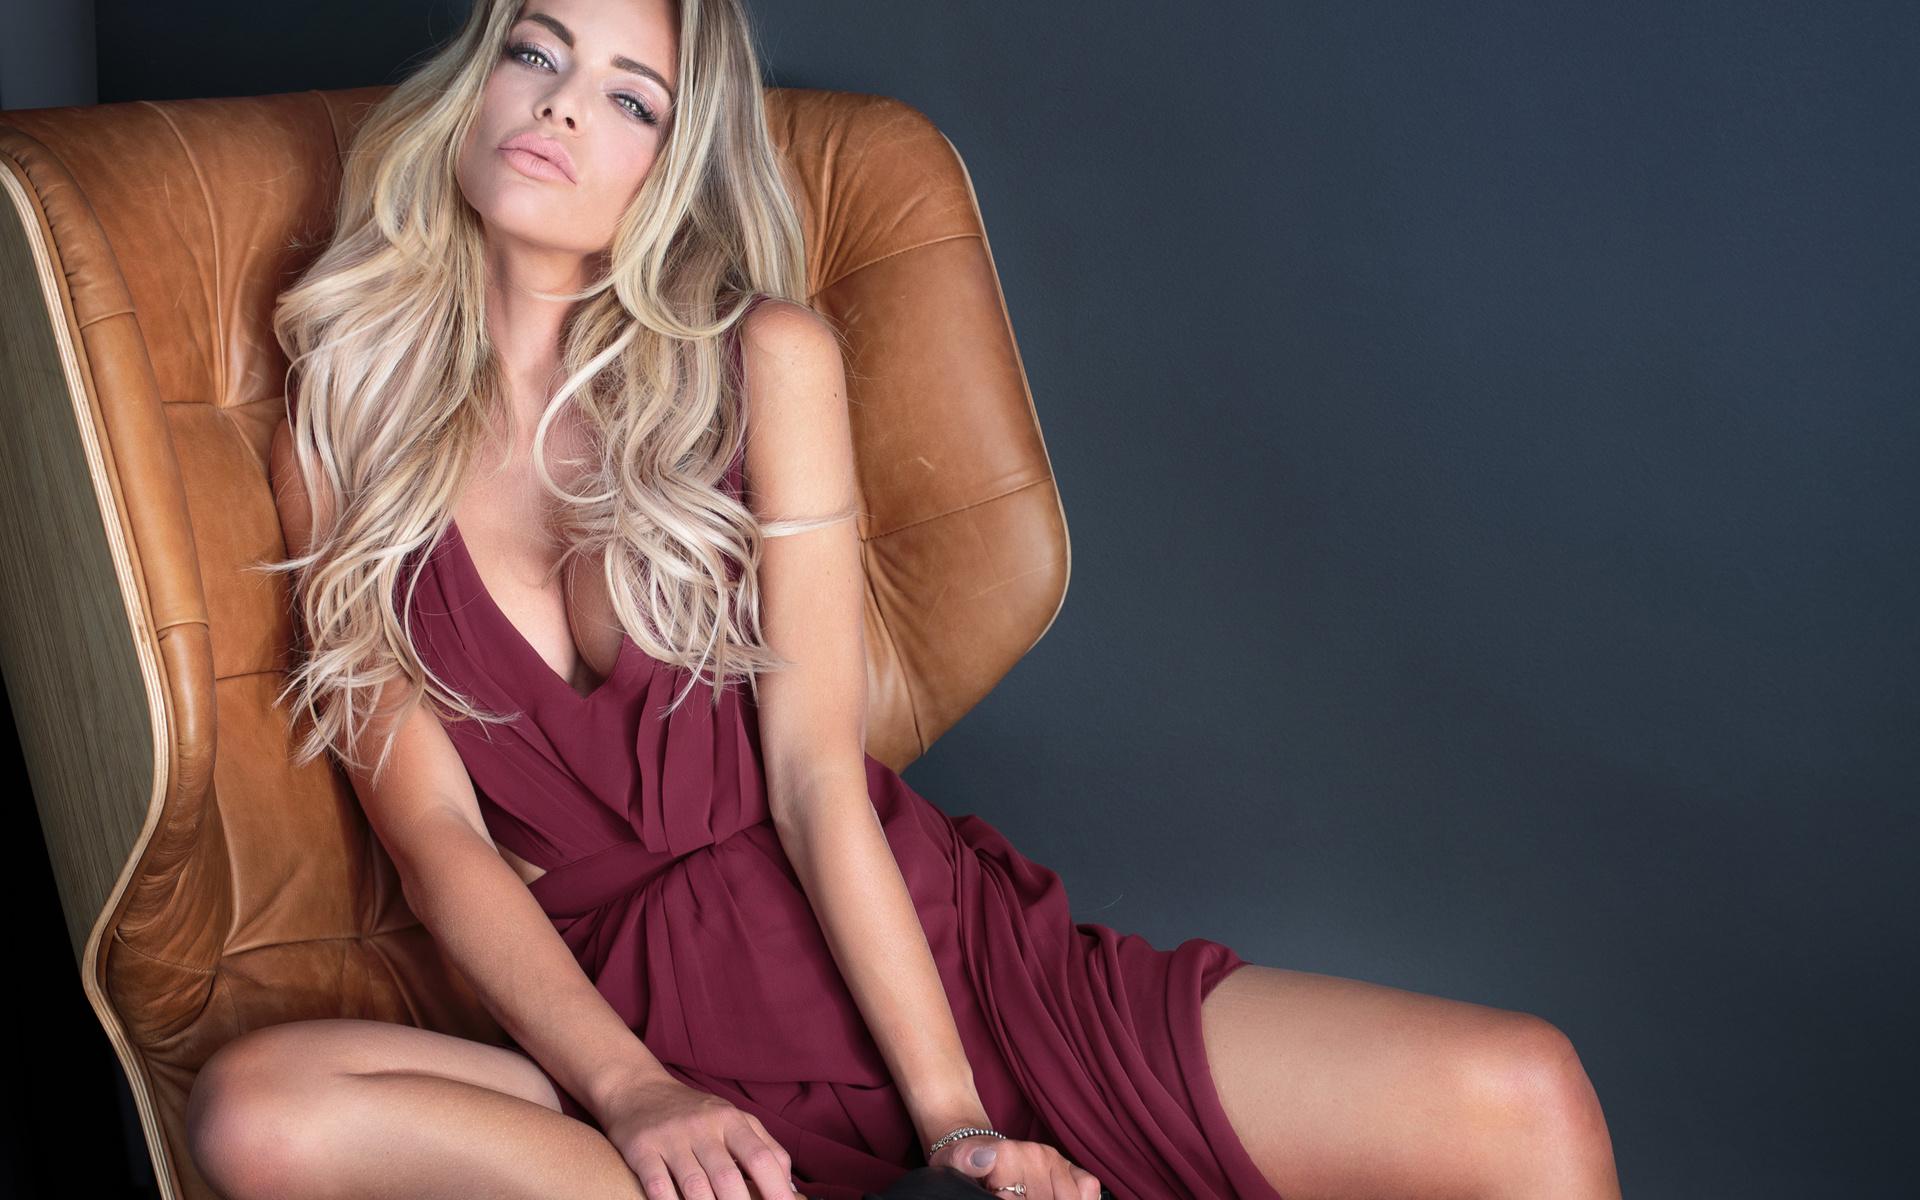 Красивая блондинка сидящая в кресле картинки